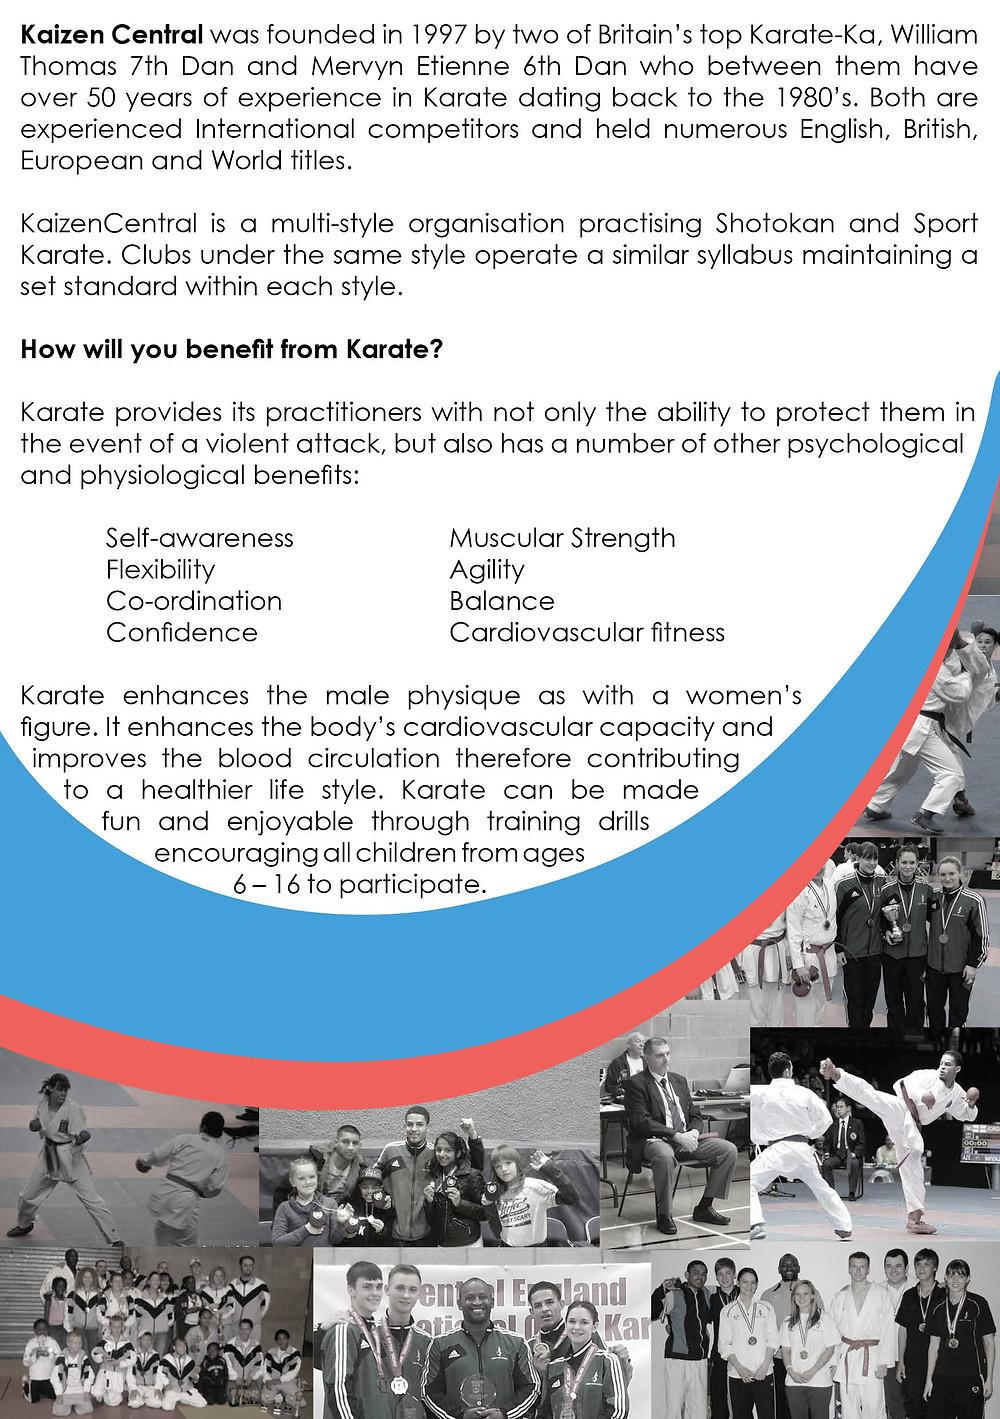 Kaizen Gunns leaflet2.jpg